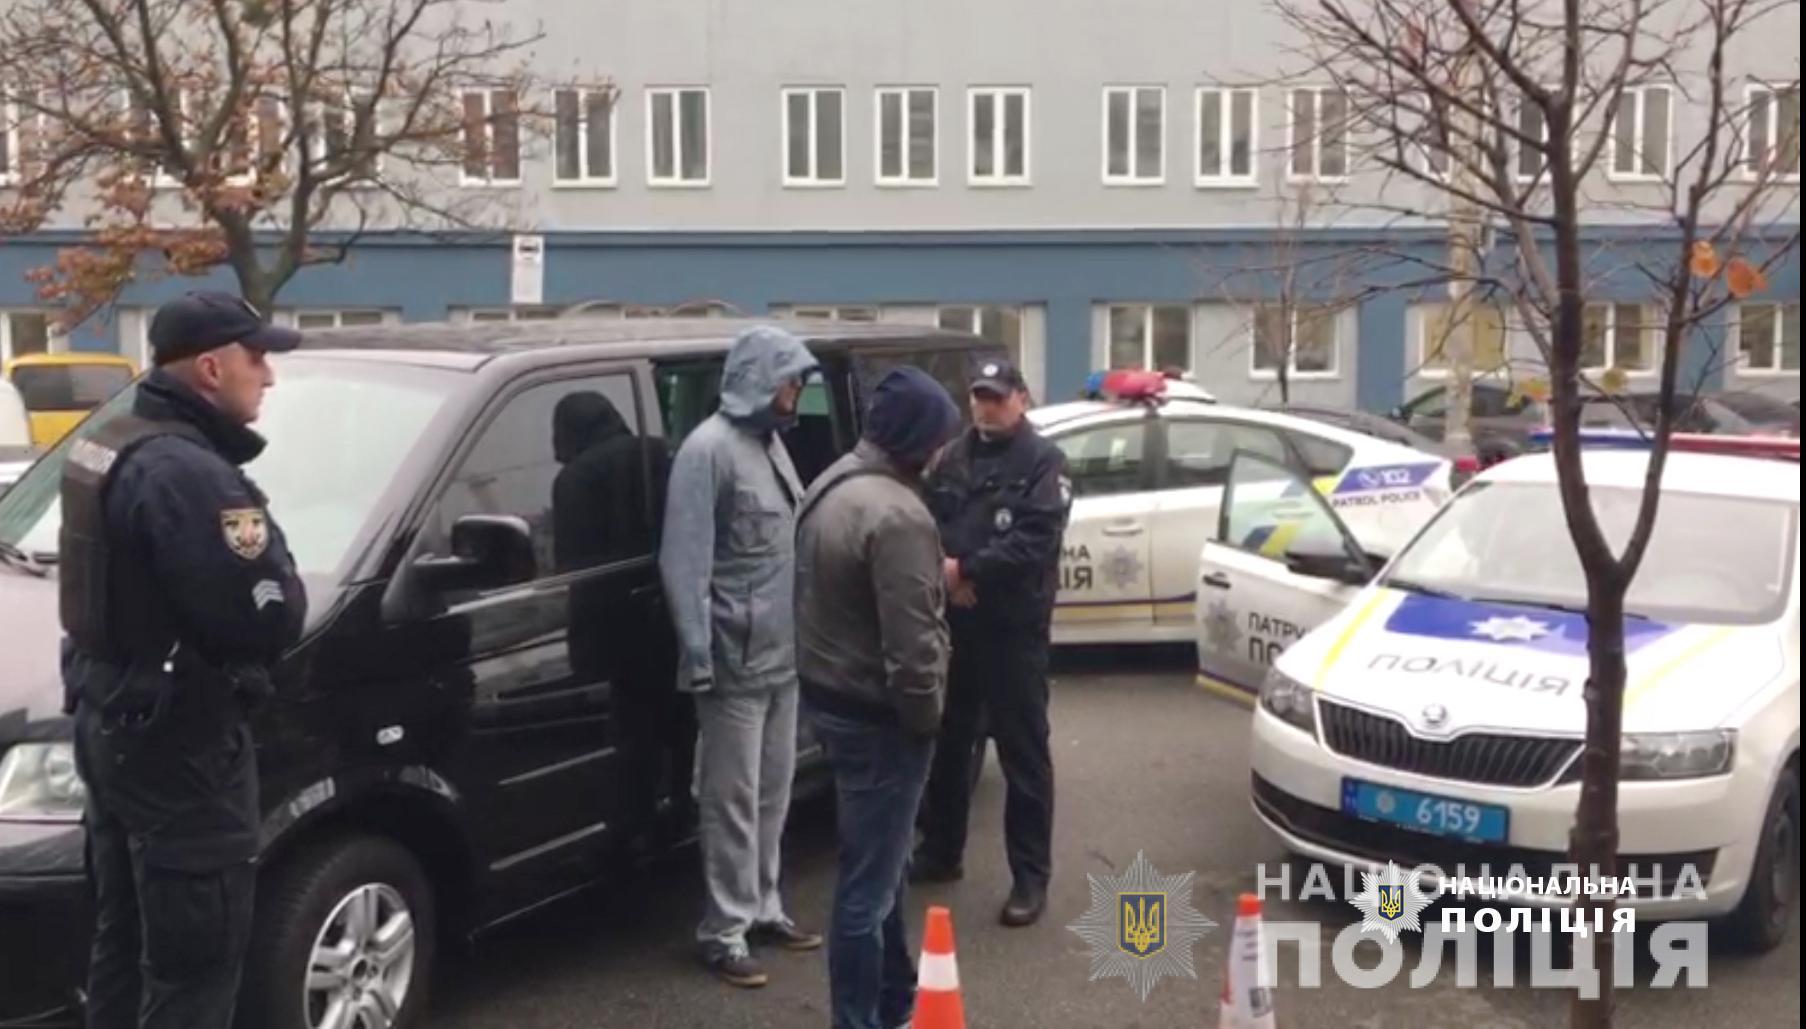 Намагались продати чужу квартиру: у Києві затримали групу шахраїв -  - shahrai29102019